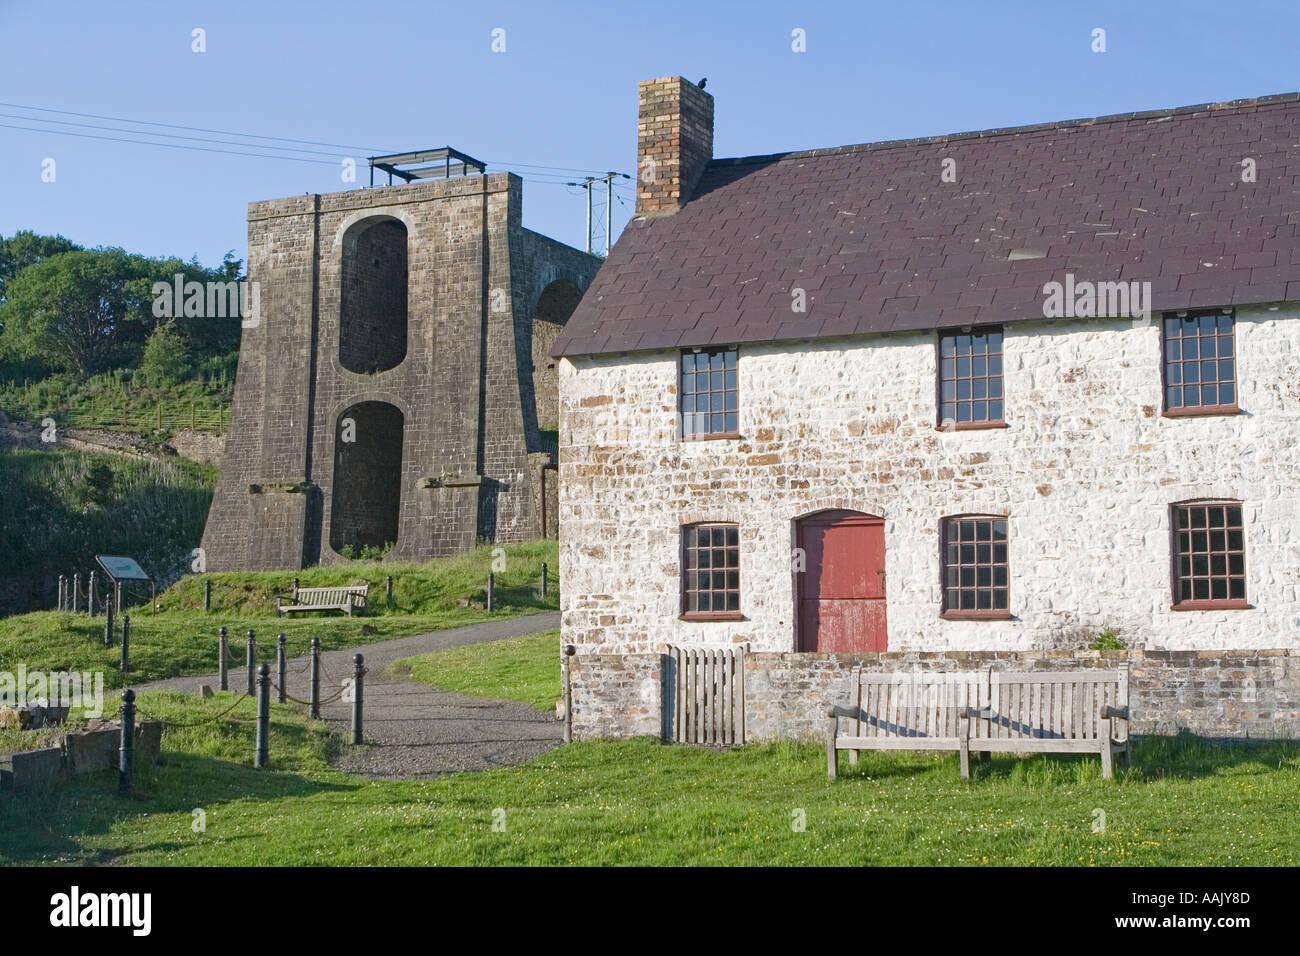 Terrassenförmig angelegten Reihe von Hütten und die Balance Tower archäologische bleibt Blaenavon Eisenhütte South Wales UK Stockbild